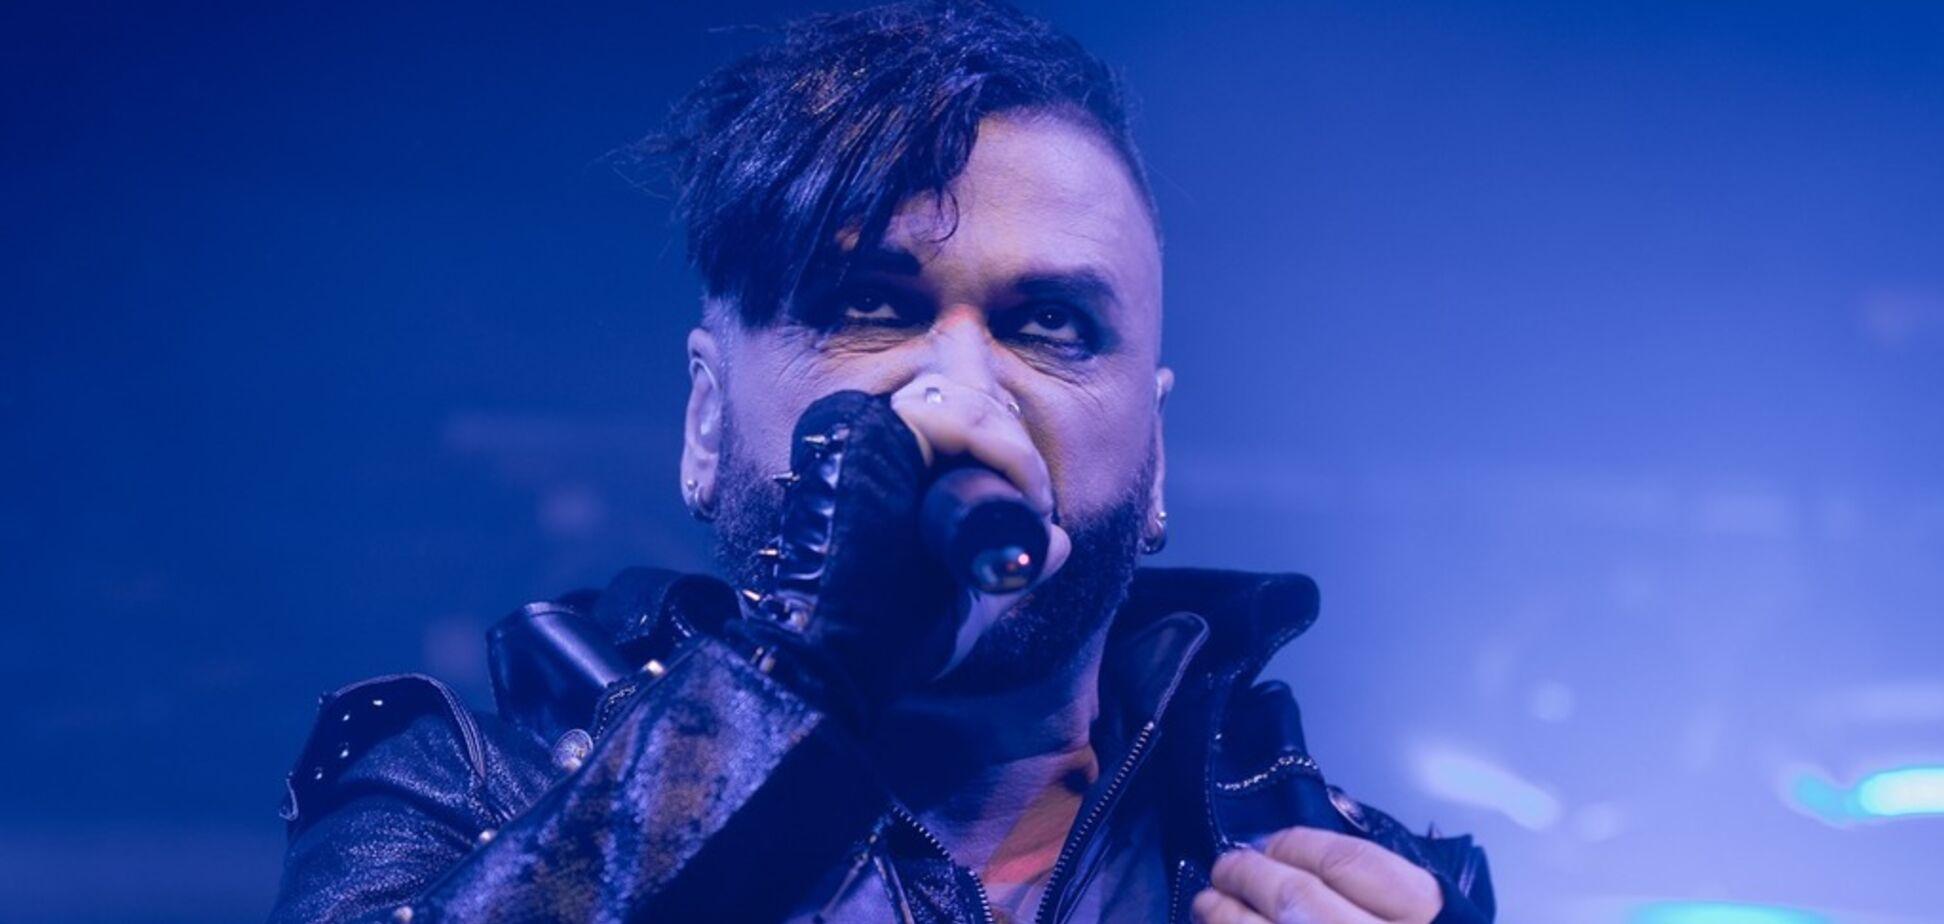 Легенды рок-сцены Oomph! дали яркий концерт в Мюнхене: эксклюзивные фото